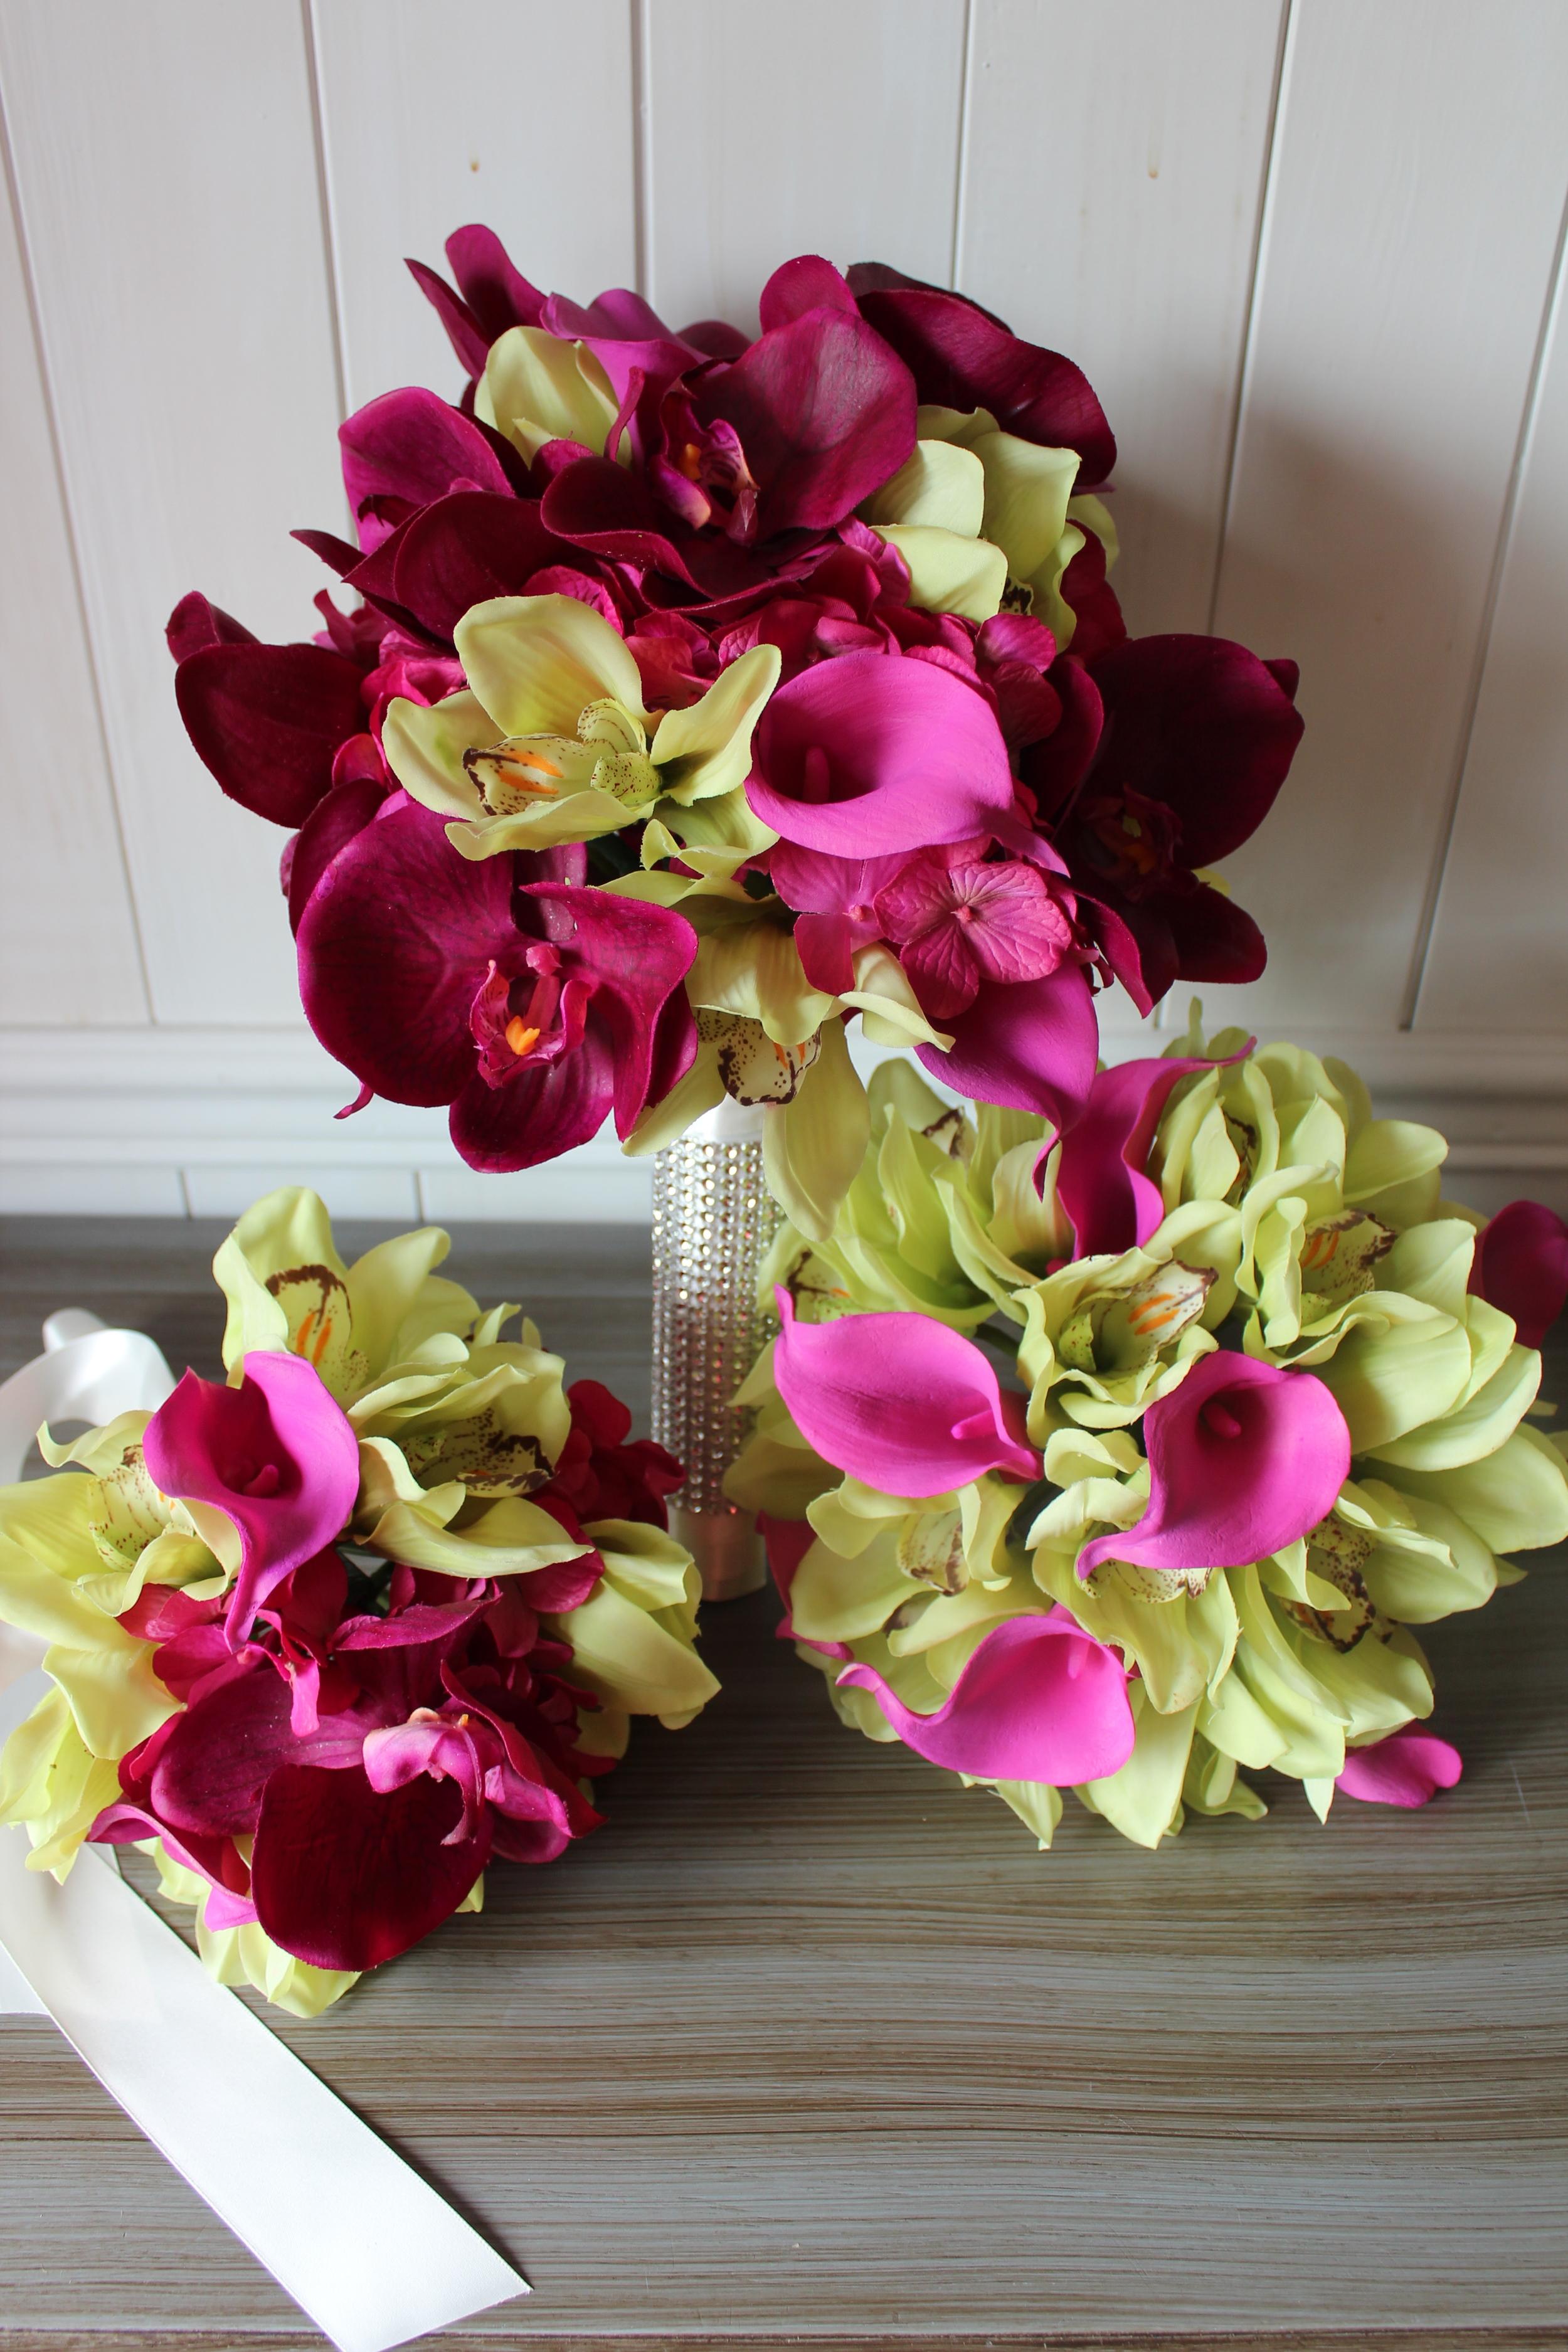 Destination Wedding Bridal Bouquet, Bridesmaid Bouquet, Toss Bouquet